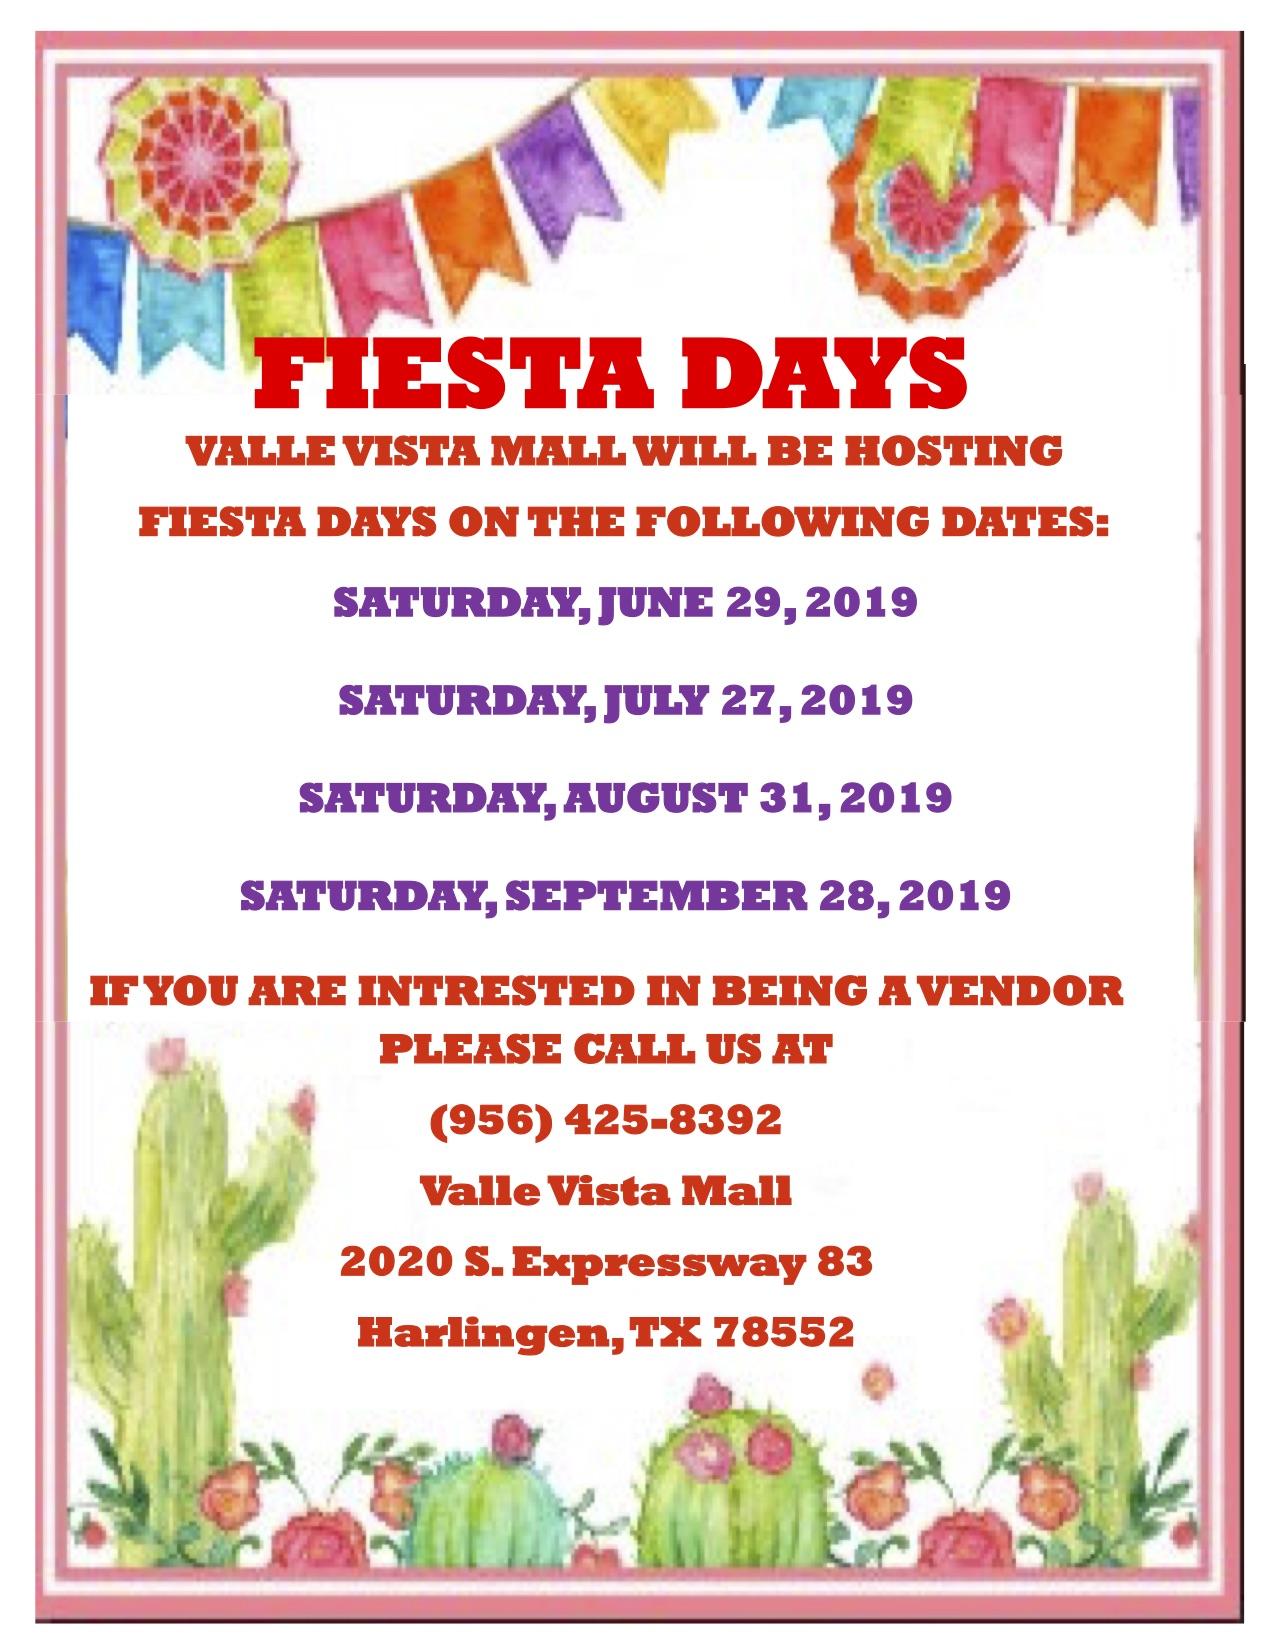 Fiesta Days event information